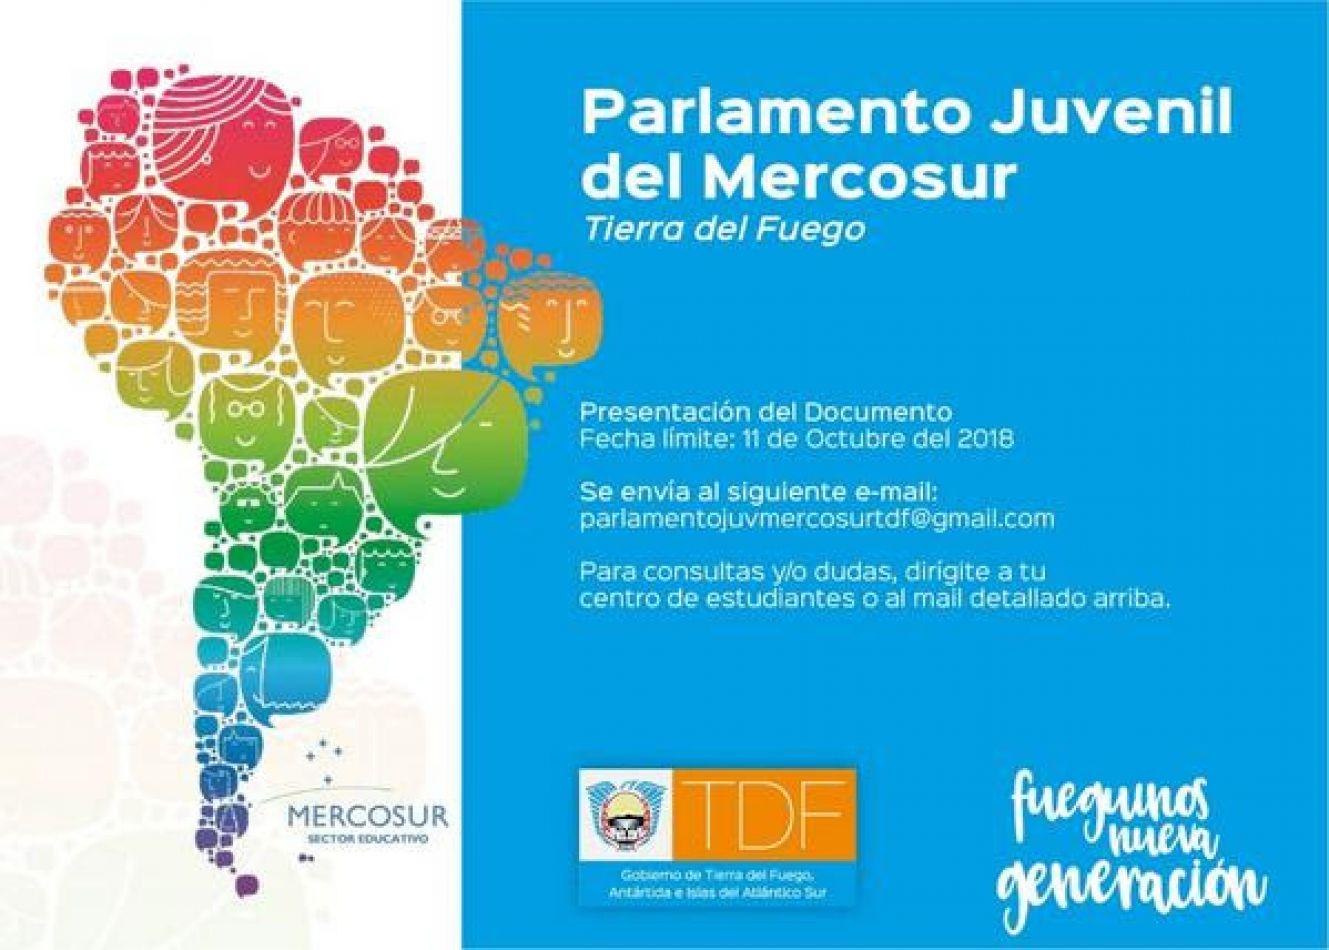 Nueva edición del Parlamento Juvenil del Mercosur